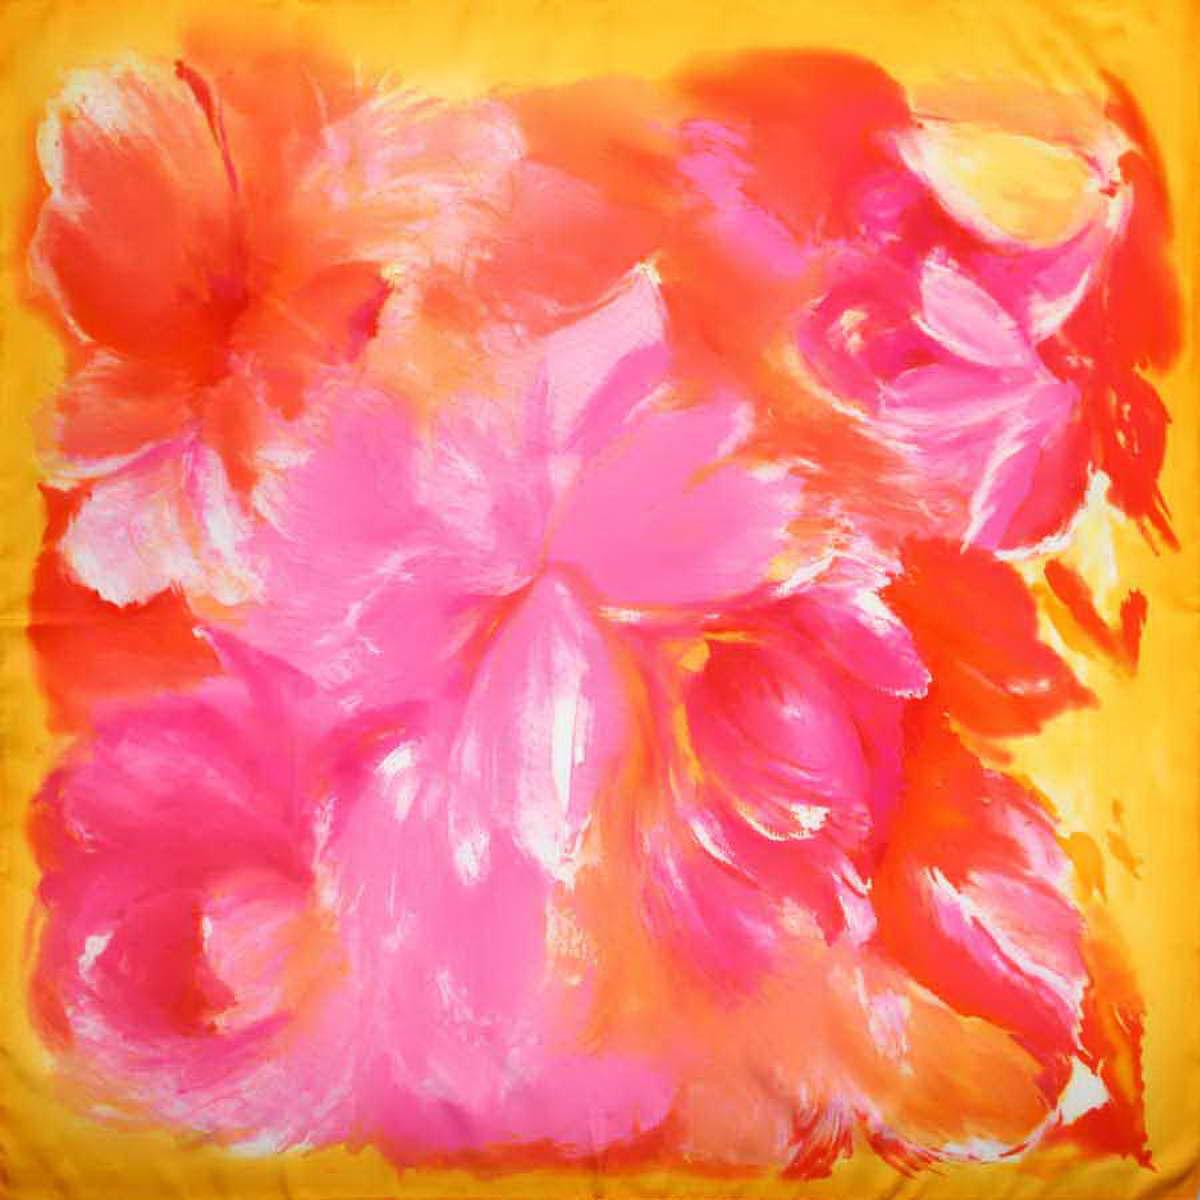 Платок женский Venera, цвет: розовый, желтый, оранжевый. 3906233-3. Размер 90 см х 90 см3906233-3Изысканный и невероятно красивый женский платок Venera изготовлен из нежного и легкого полиэстера, станет замечательным украшением для любого вашего наряда. Романтичный платок очень красивой цветовой гаммы, украшен принтом с большими цветами. Этот платок будет долго радовать свою обладательницу и придаст наряду изысканности, утонченности и великолепия. Классическая квадратная форма позволяет носить платок на шее, украшать им прическу или декорировать сумочку.Платок Venera превосходно дополнит любой наряд и подчеркнет ваш неповторимый вкус и элегантность.